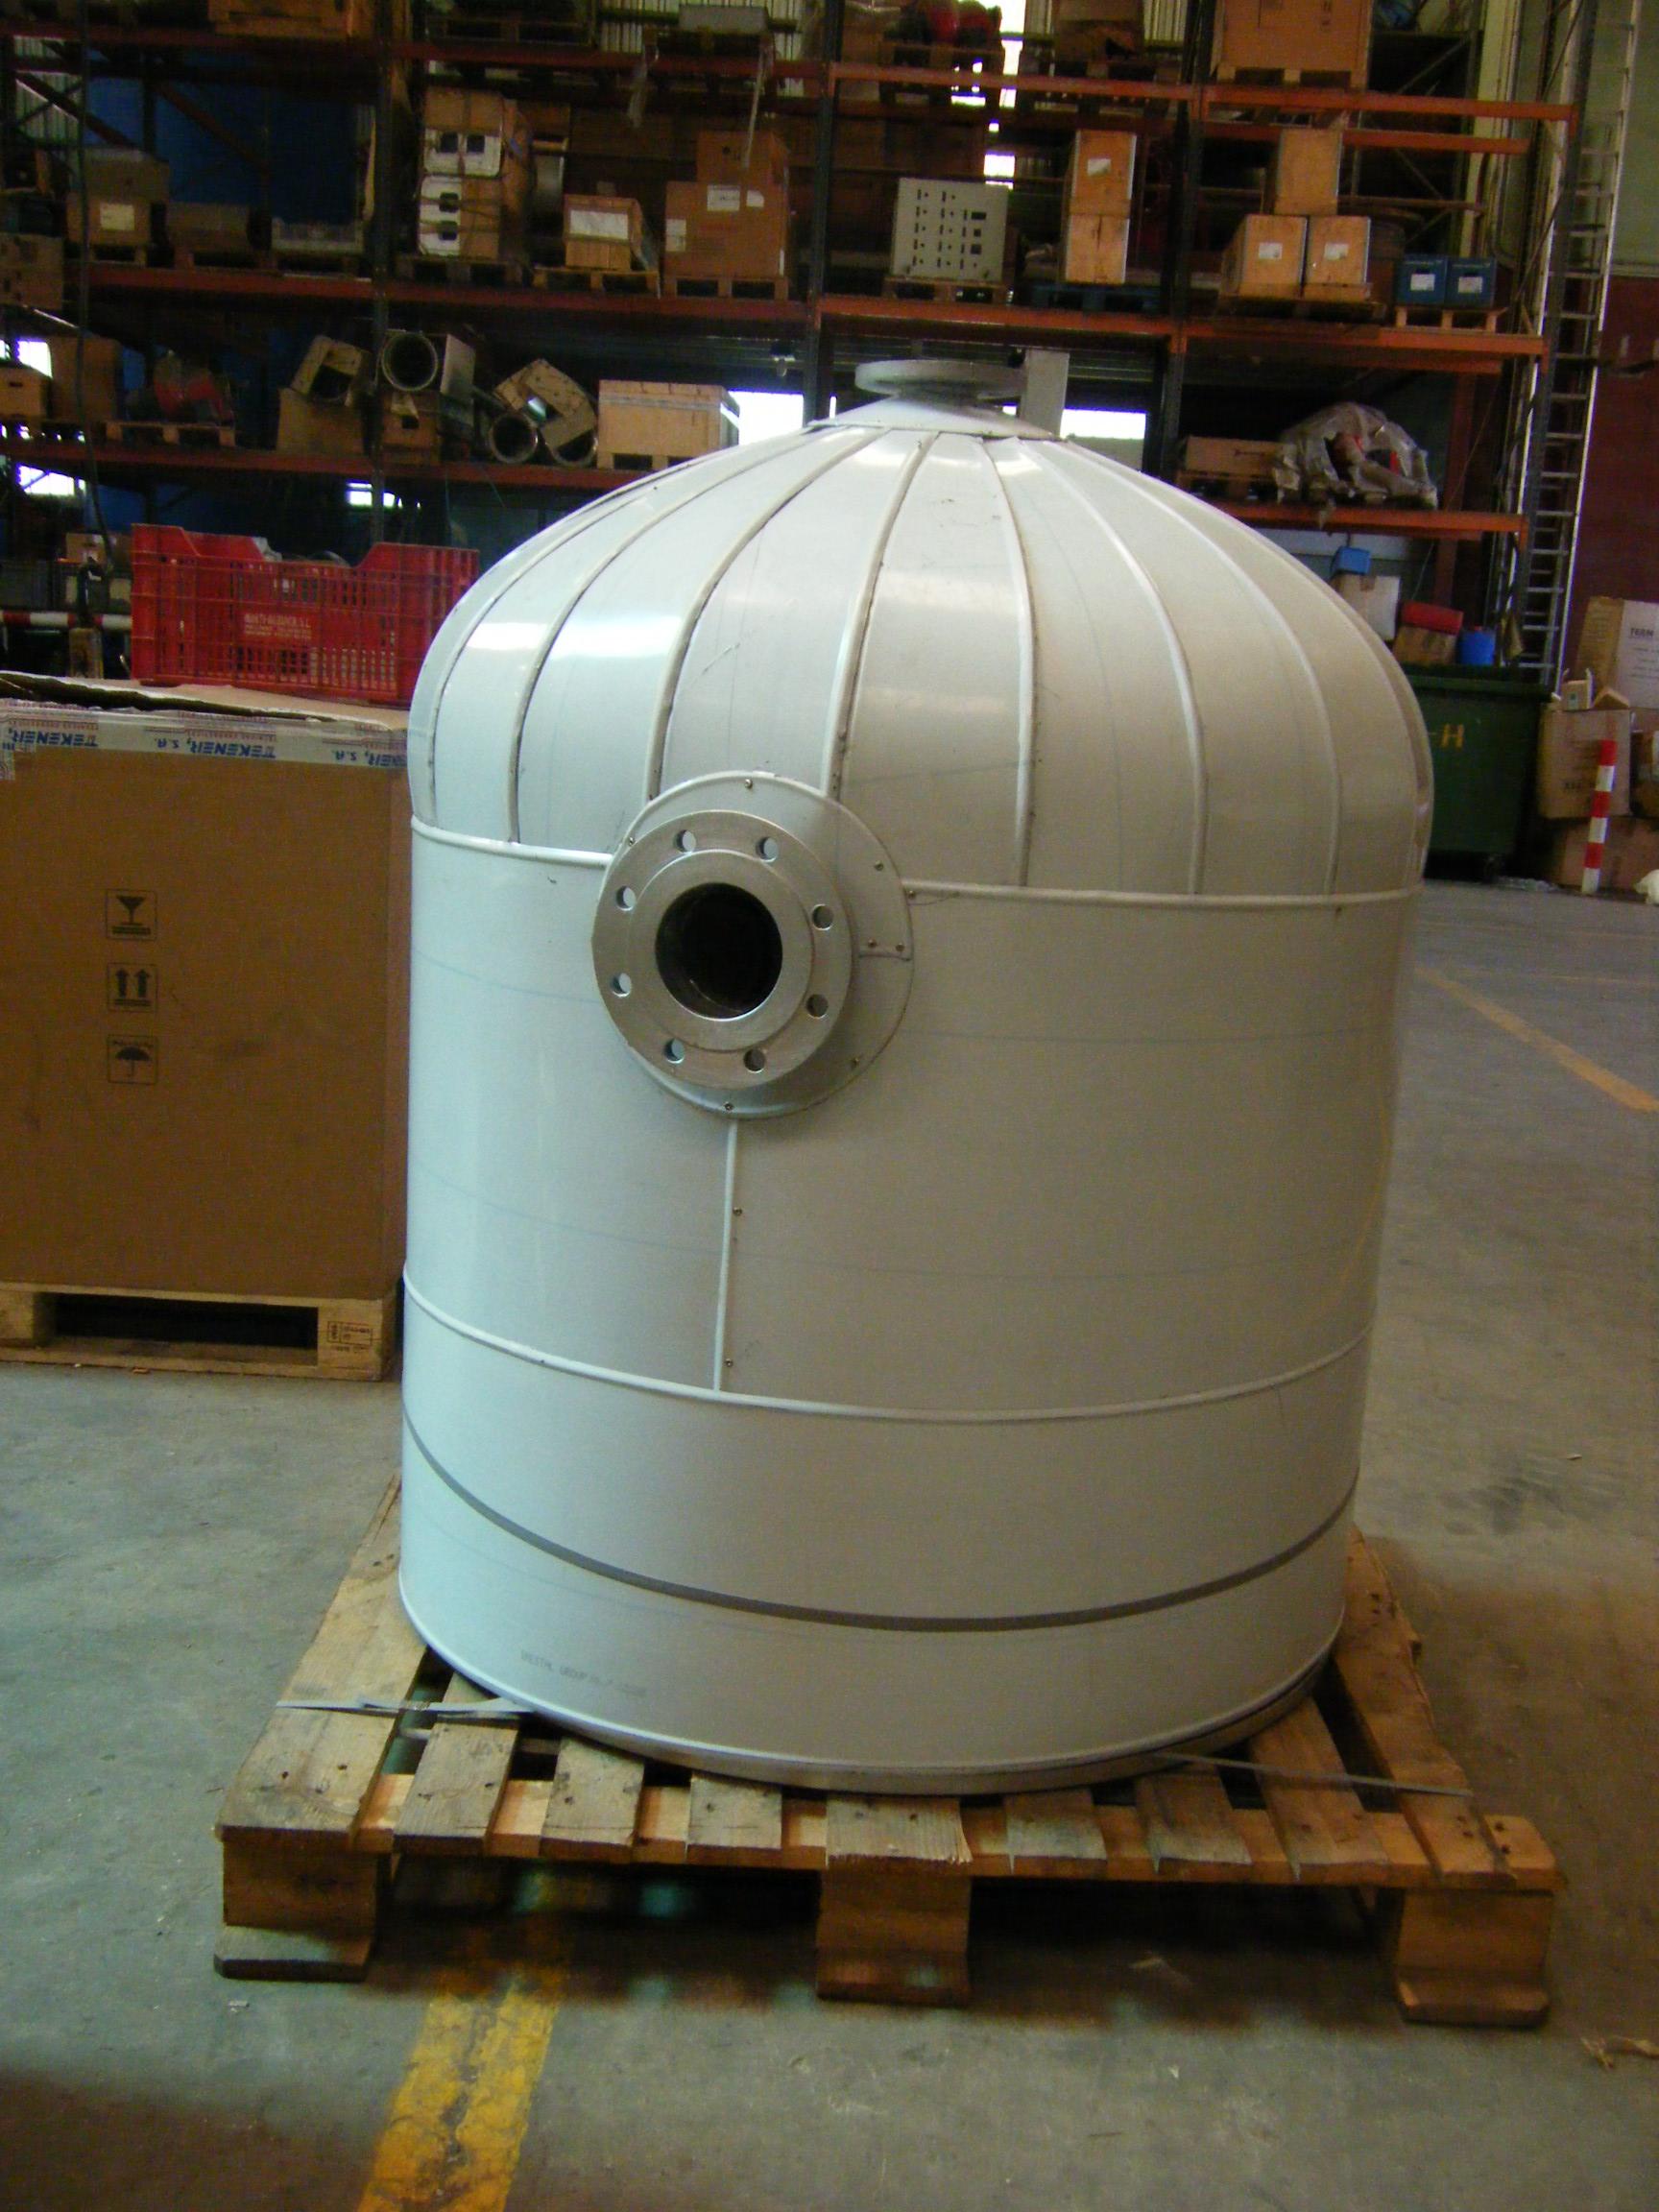 Calderas de vapor desgasificador DGV 9 Calderería López Hermanos, S.A. Valencia